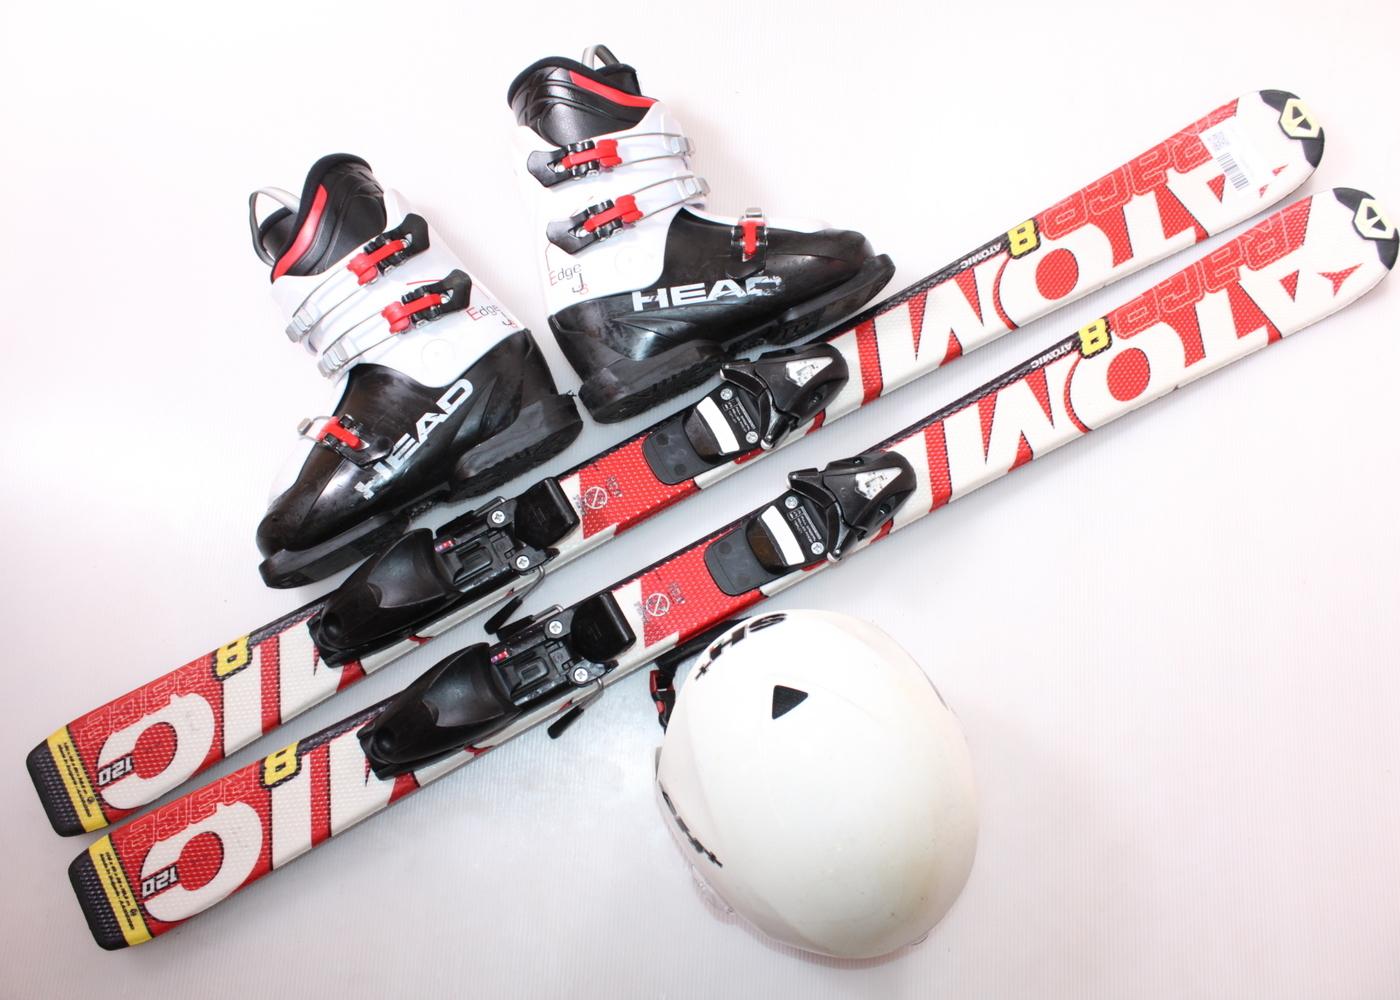 Dětské lyže ATOMIC RACE 8 120 cm + lyžáky  36.5EU + helma